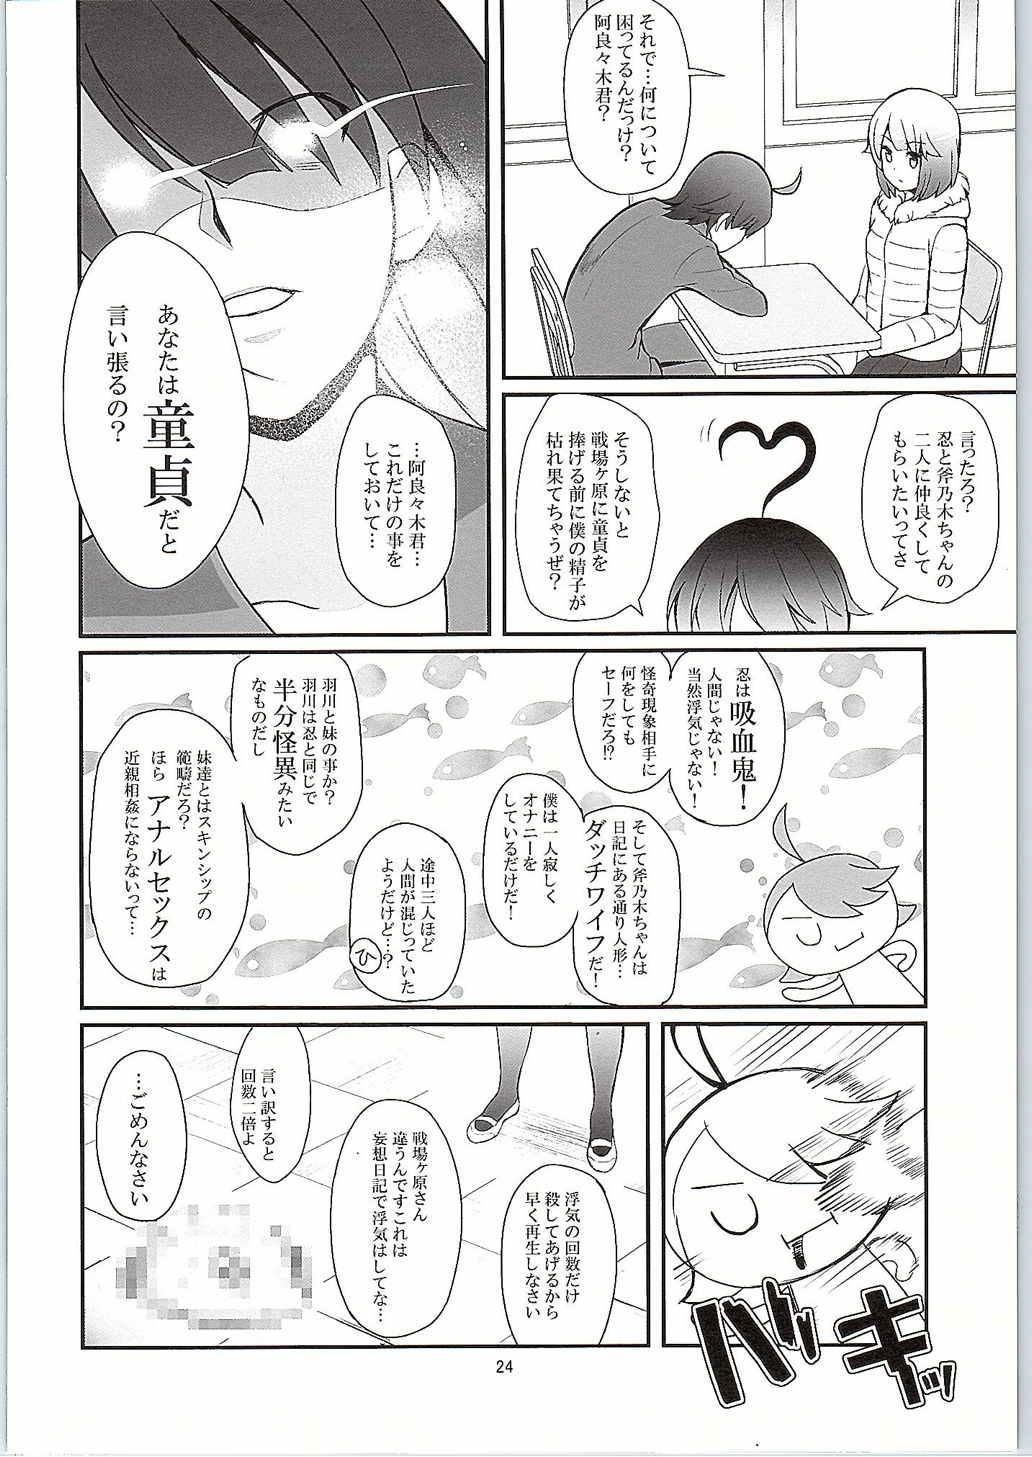 Pachimonogatari Part10 Koyomi Diary 22